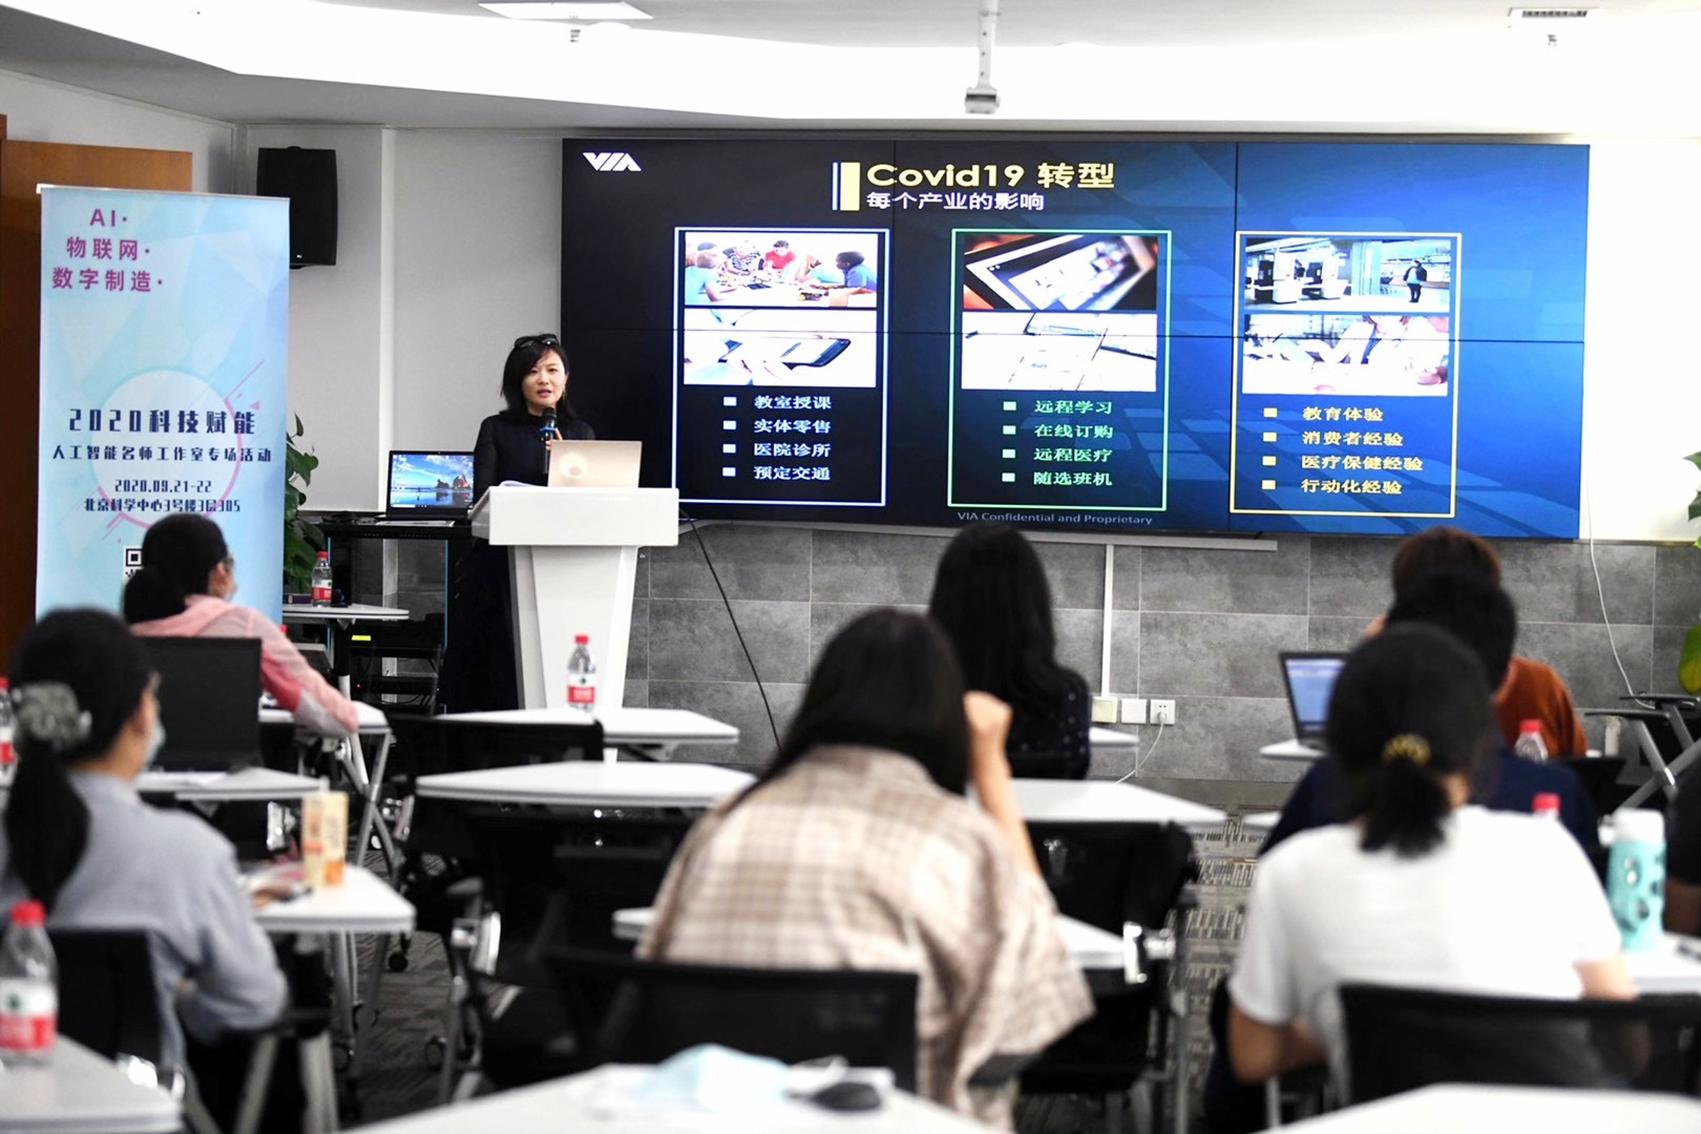 科技赋能教育,威盛人工智能研究院探索产教融合新路径